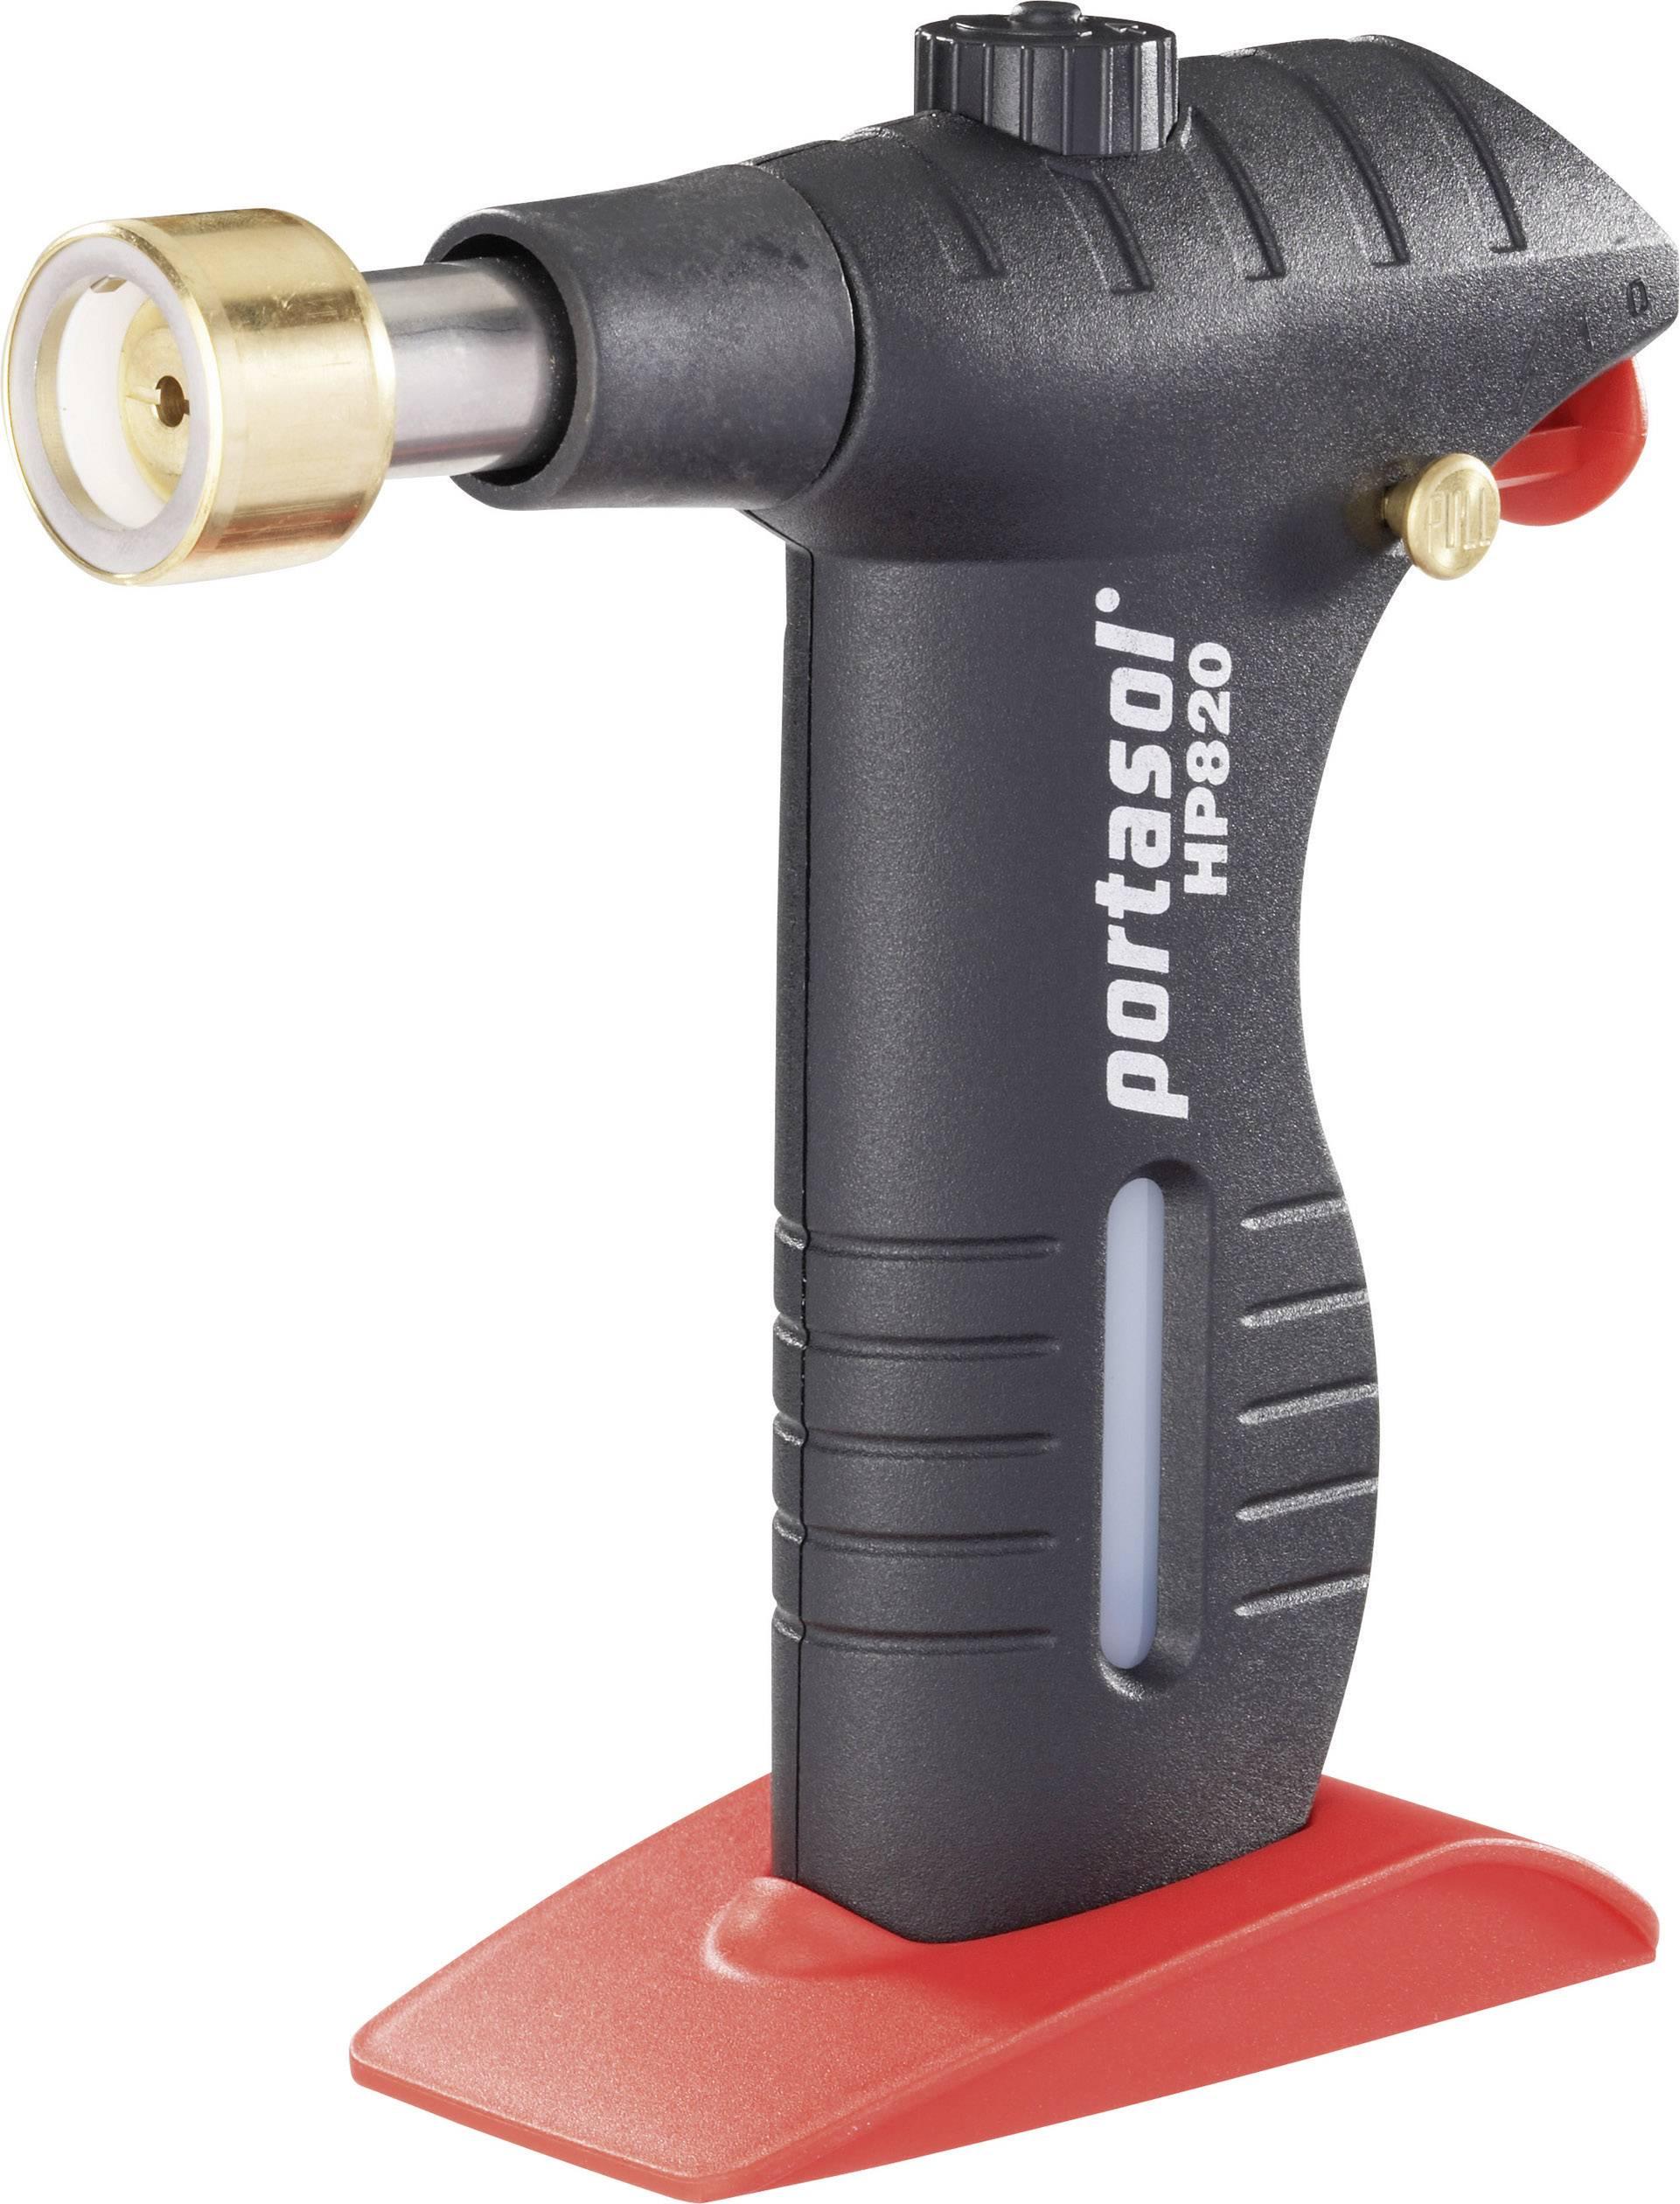 Plynový horák Portasol HP 820, 1350 °C, 40 min